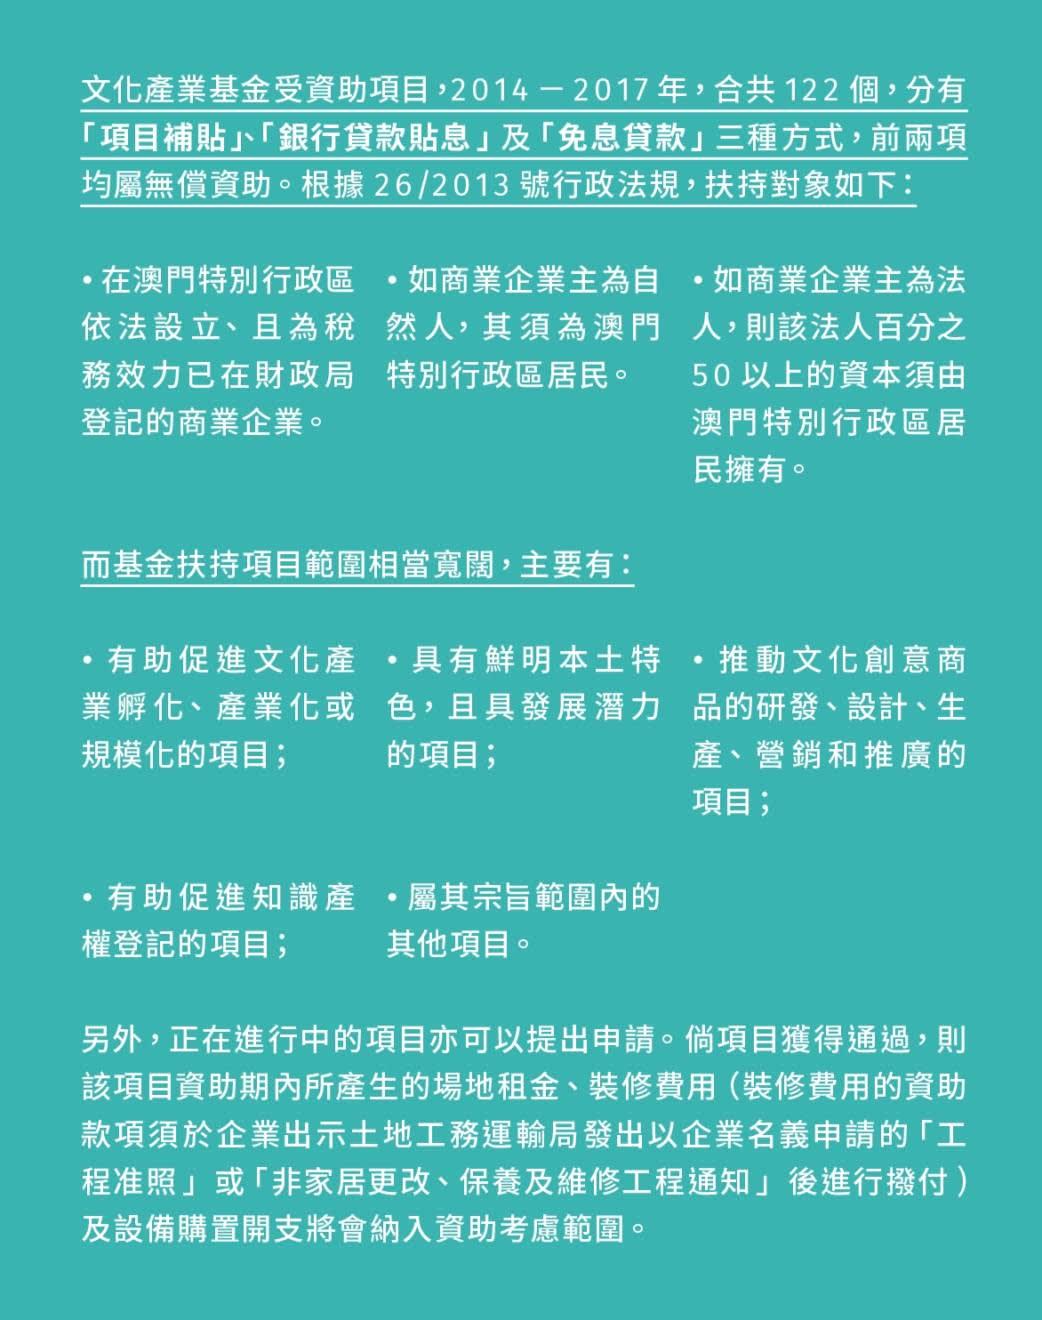 文化產業基金受資助項目。